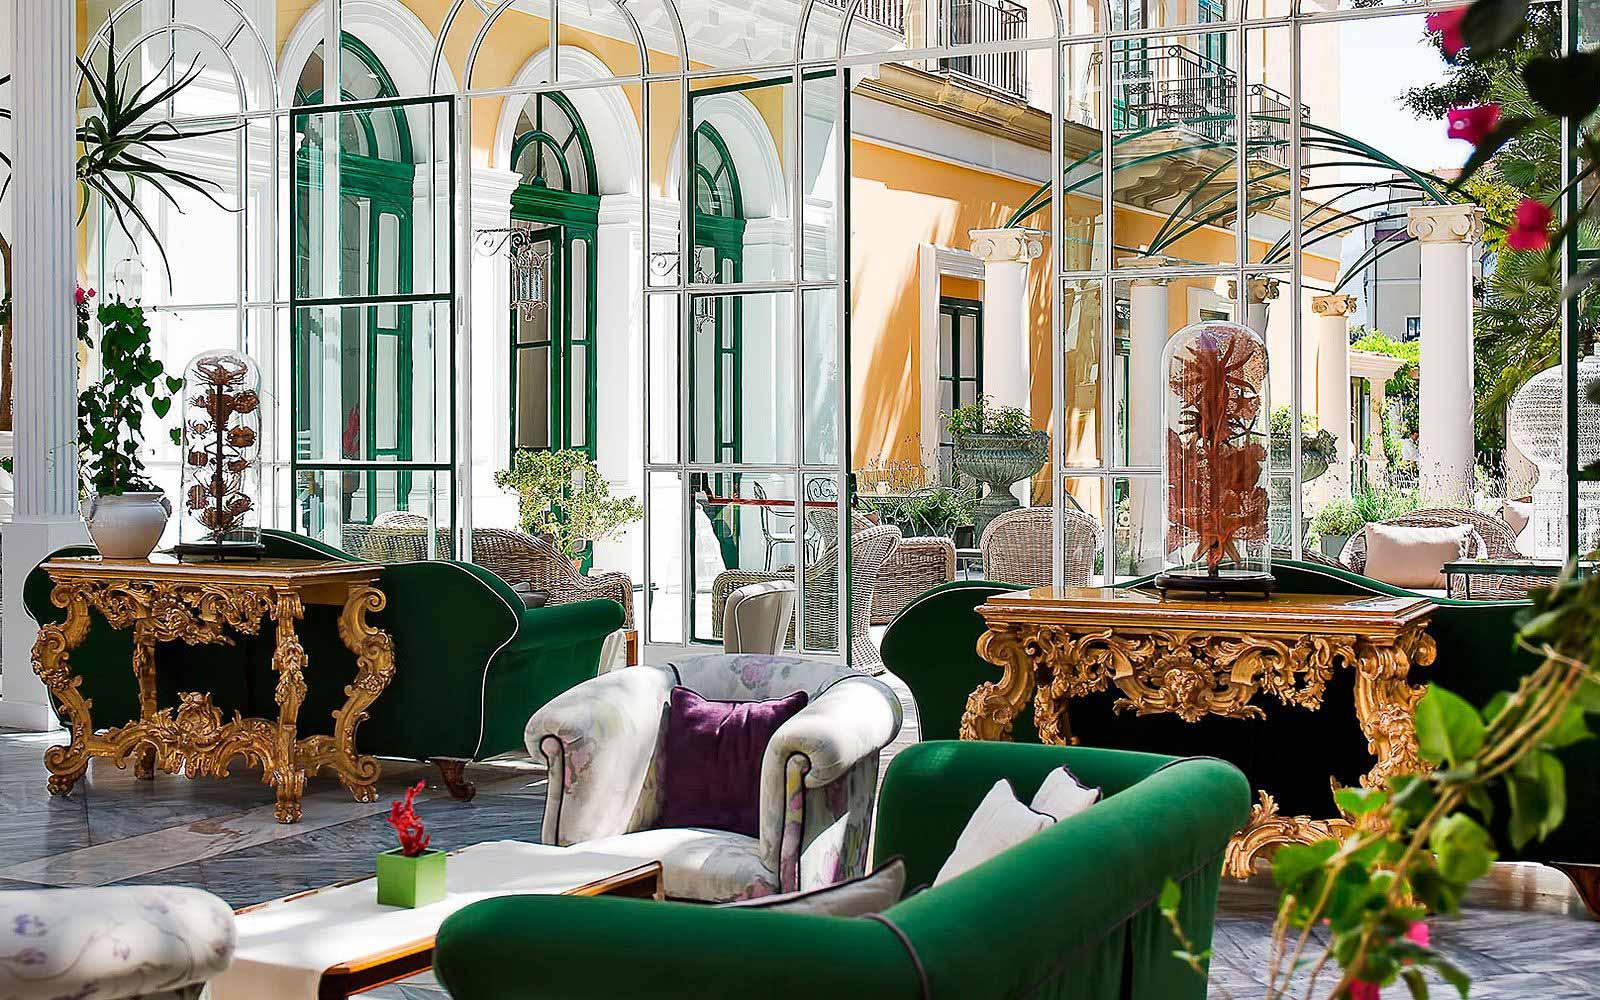 The Winter Garden at Hotel Bellevue Syrene